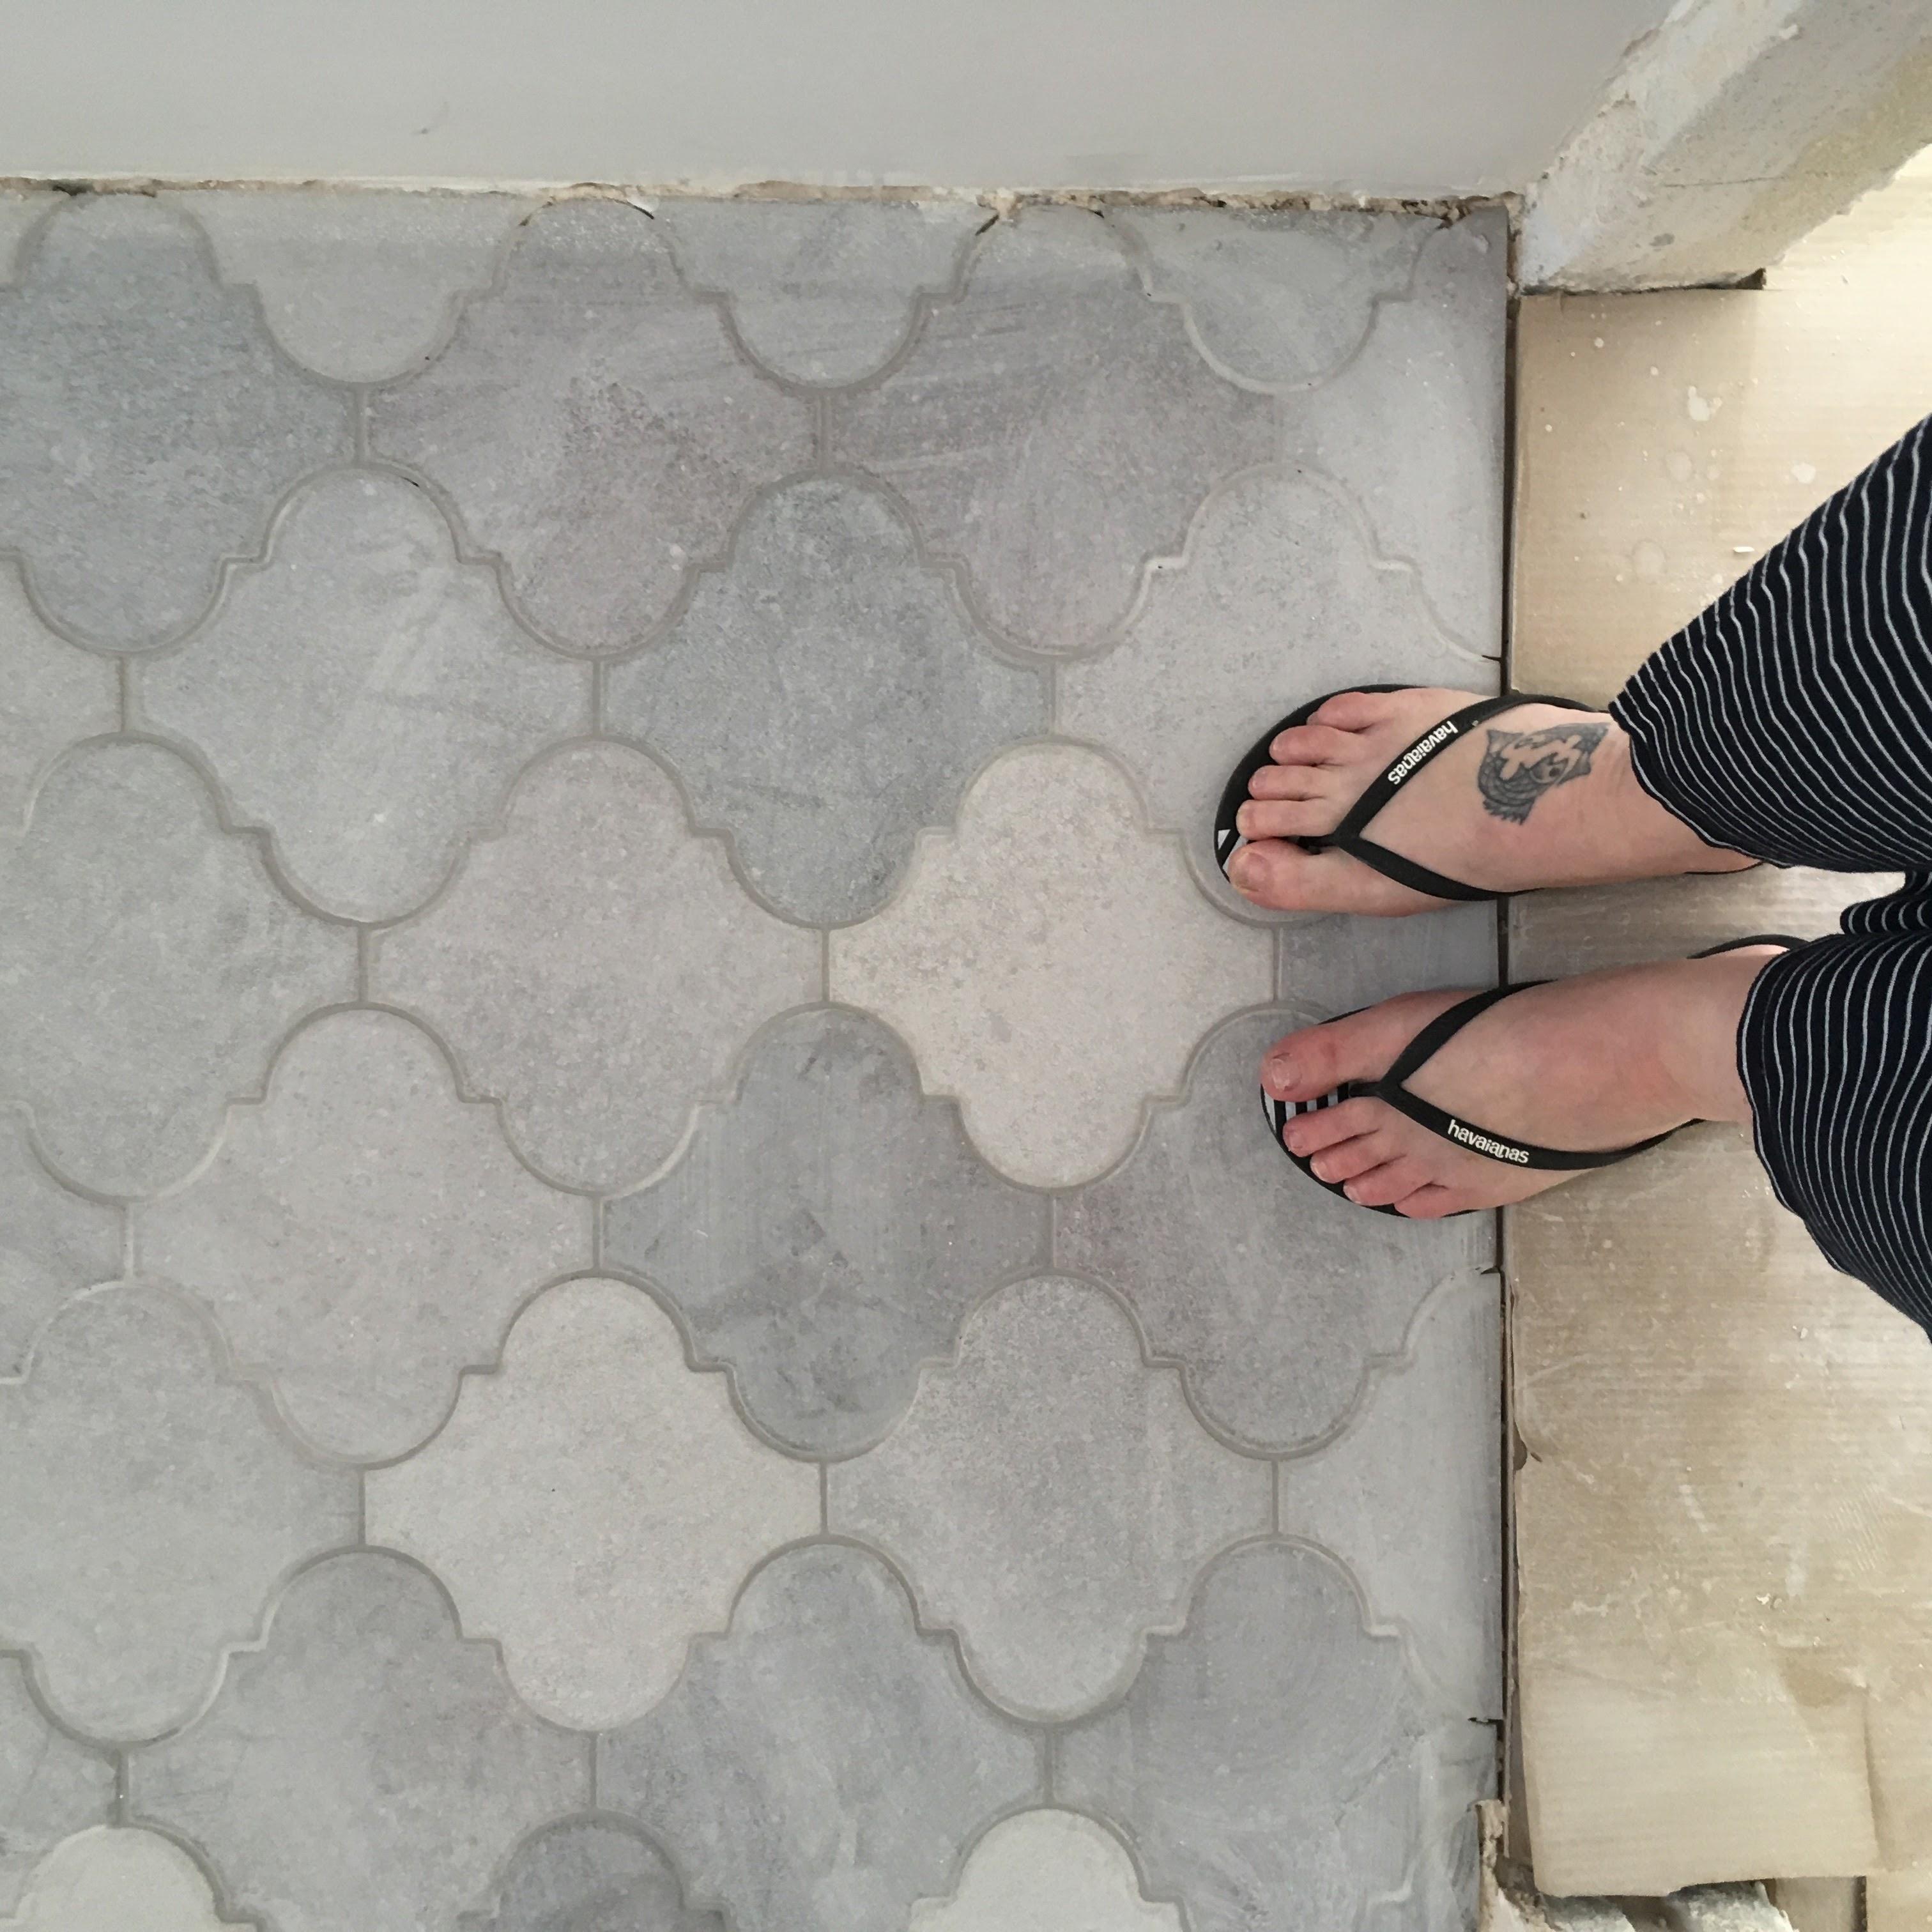 הנחת ריצוף בתהליך שיפוץ דירה קומפלט